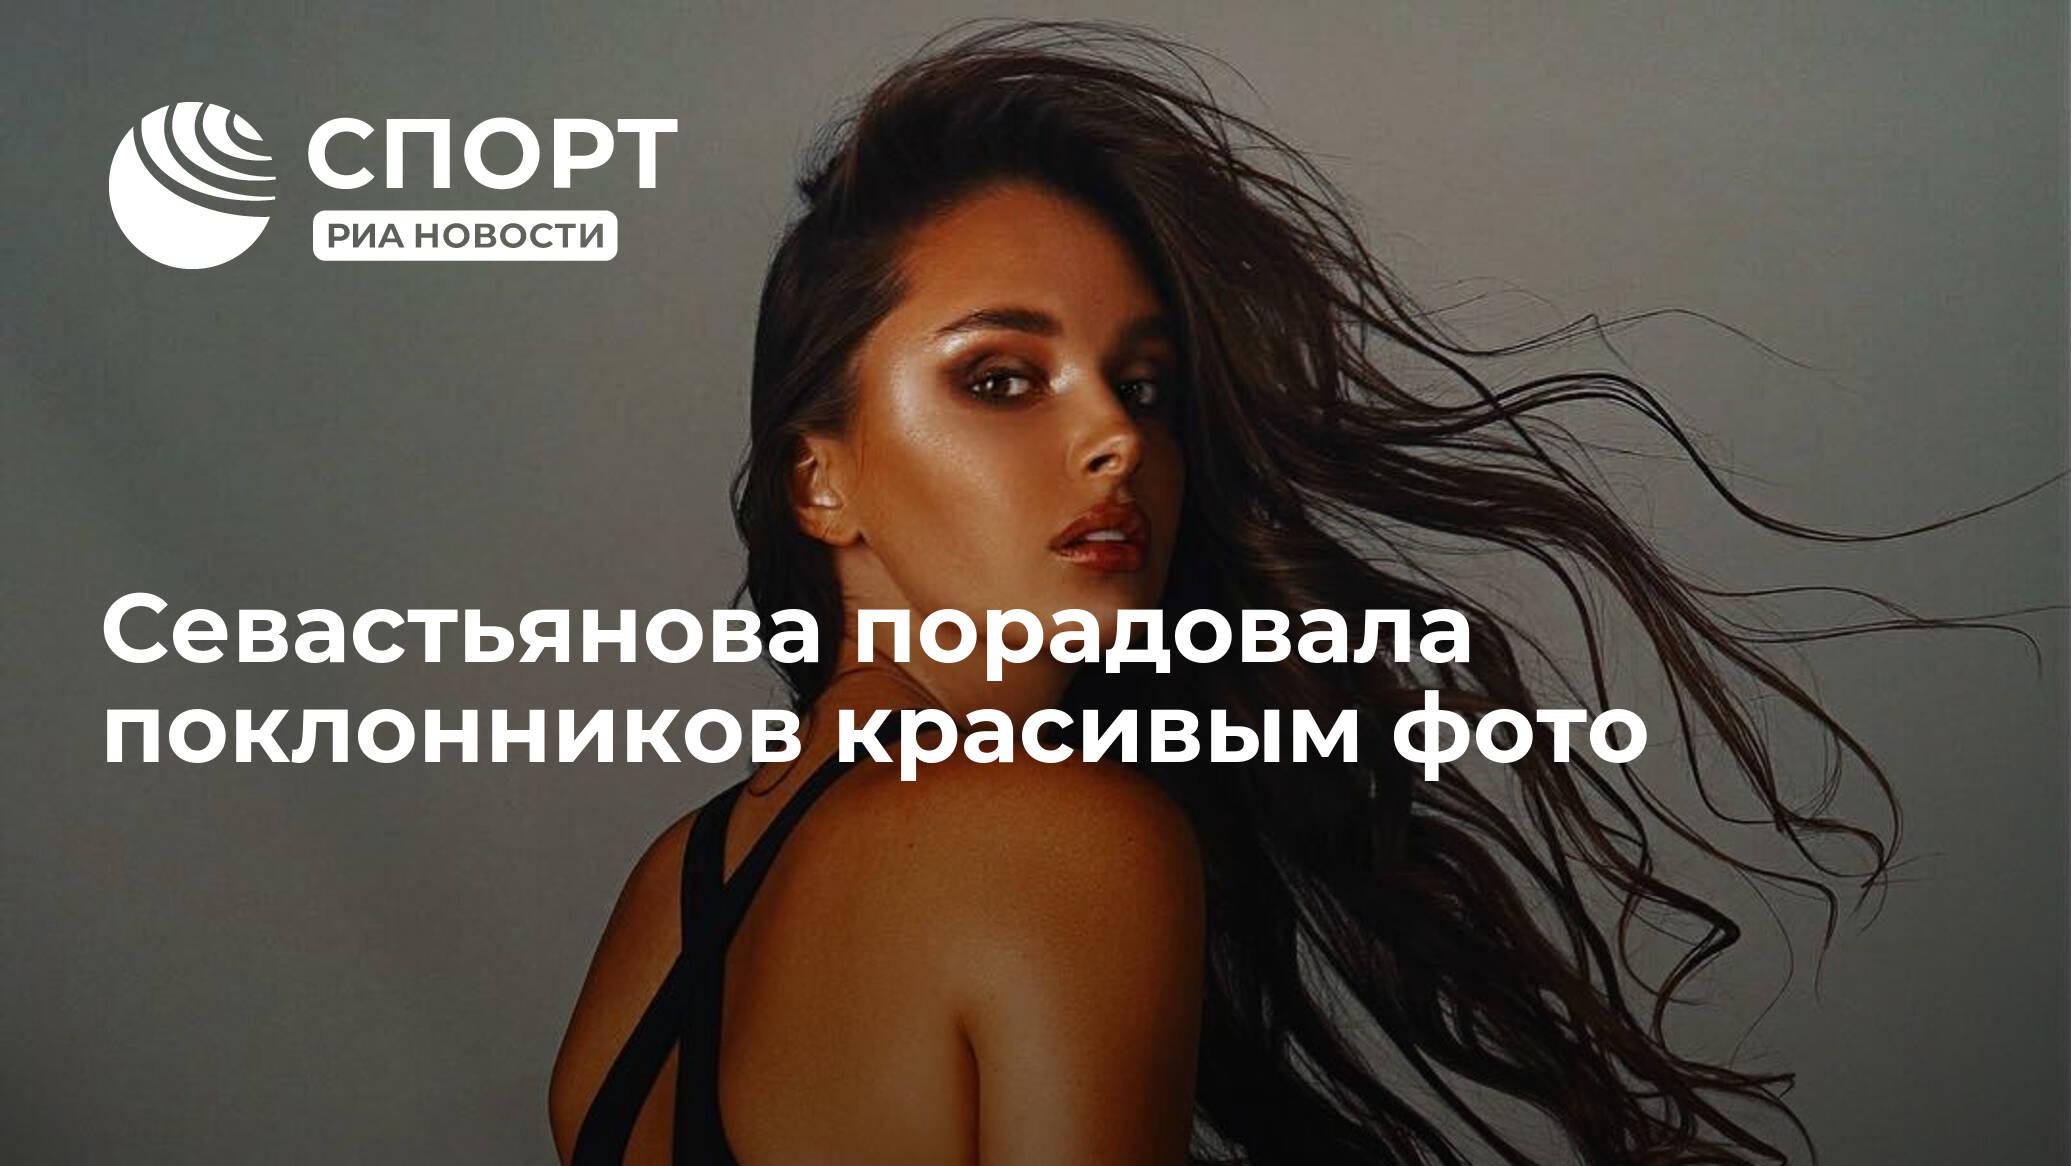 Севастьянова сразила поклонников откровенным фото в мокром купальнике